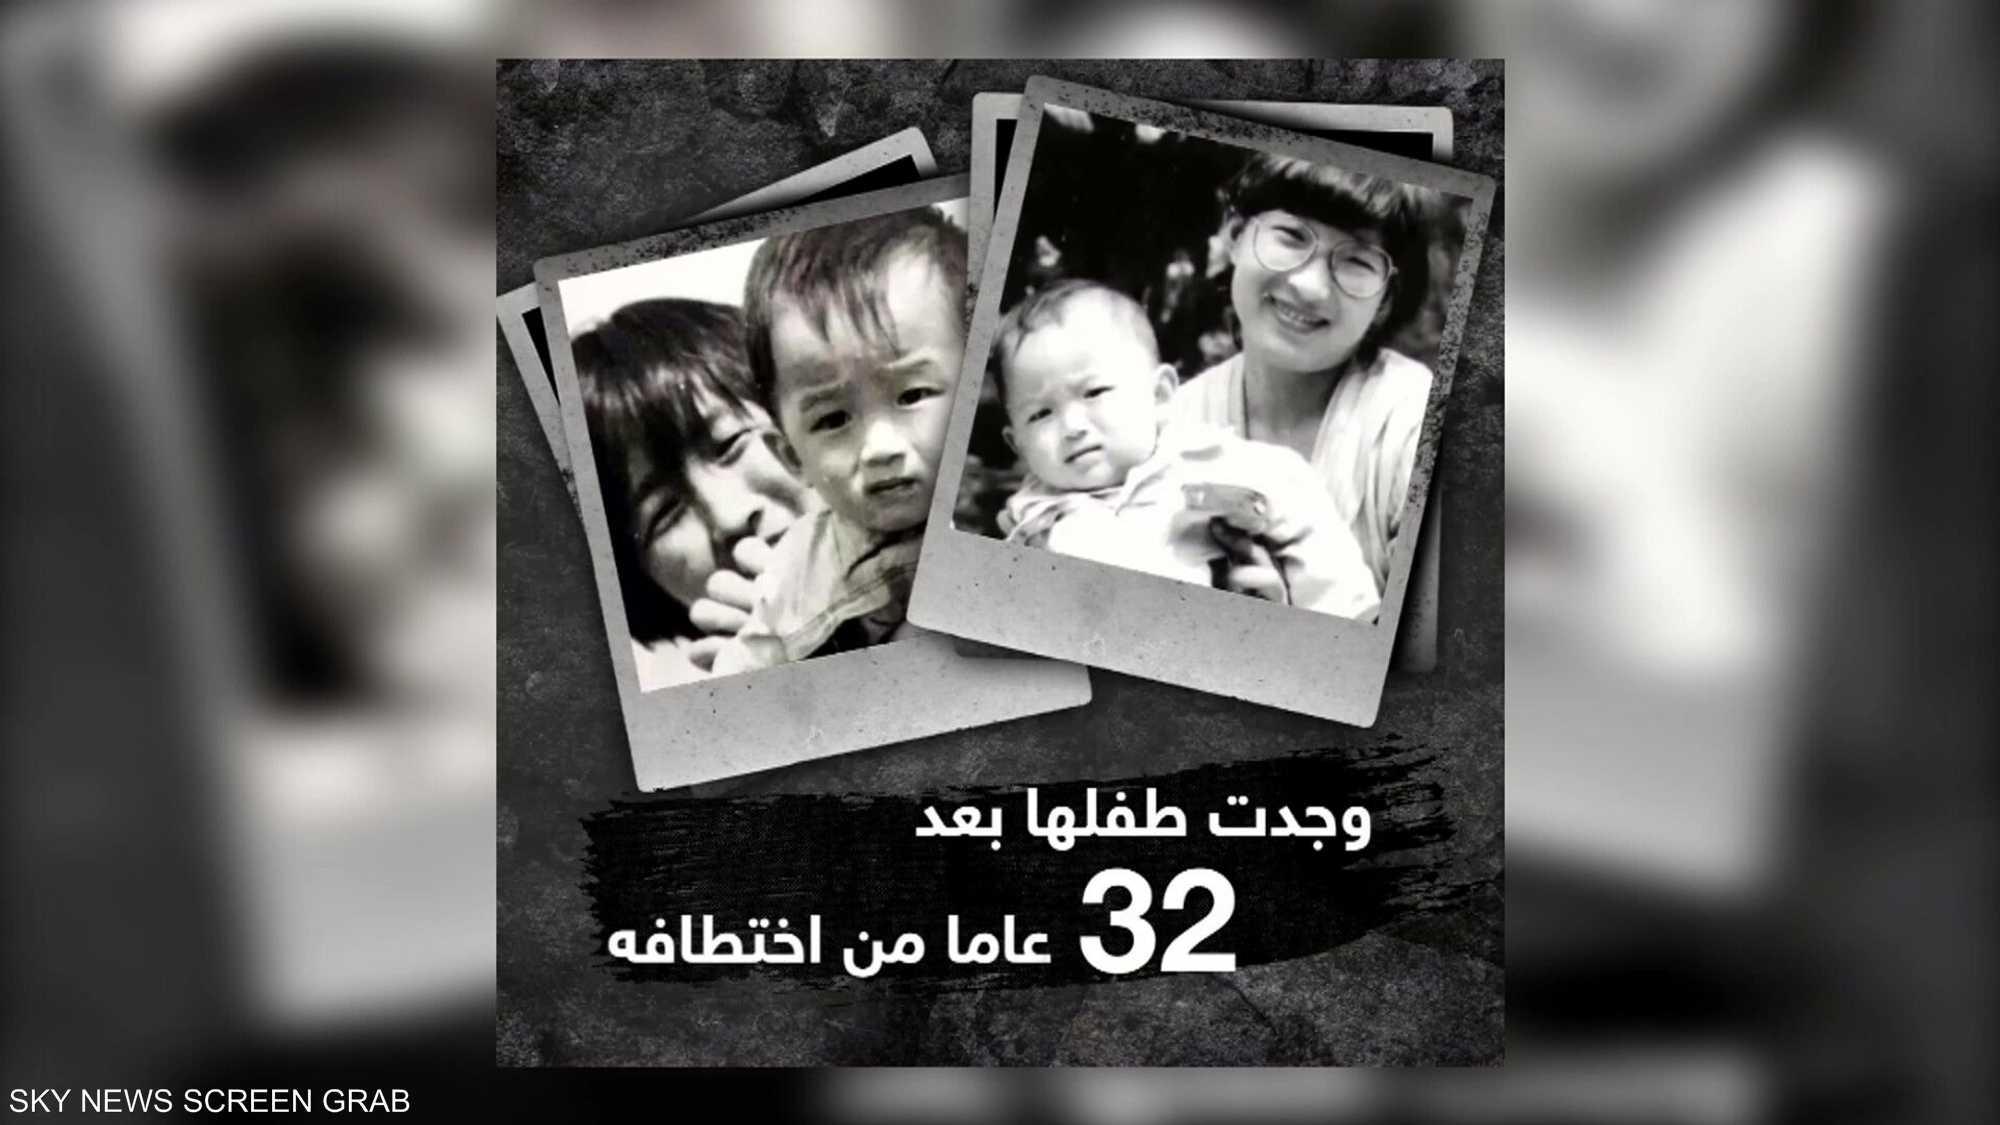 أسرة صينية تعثر على طفلها بعد 32 عاما على اختطافه